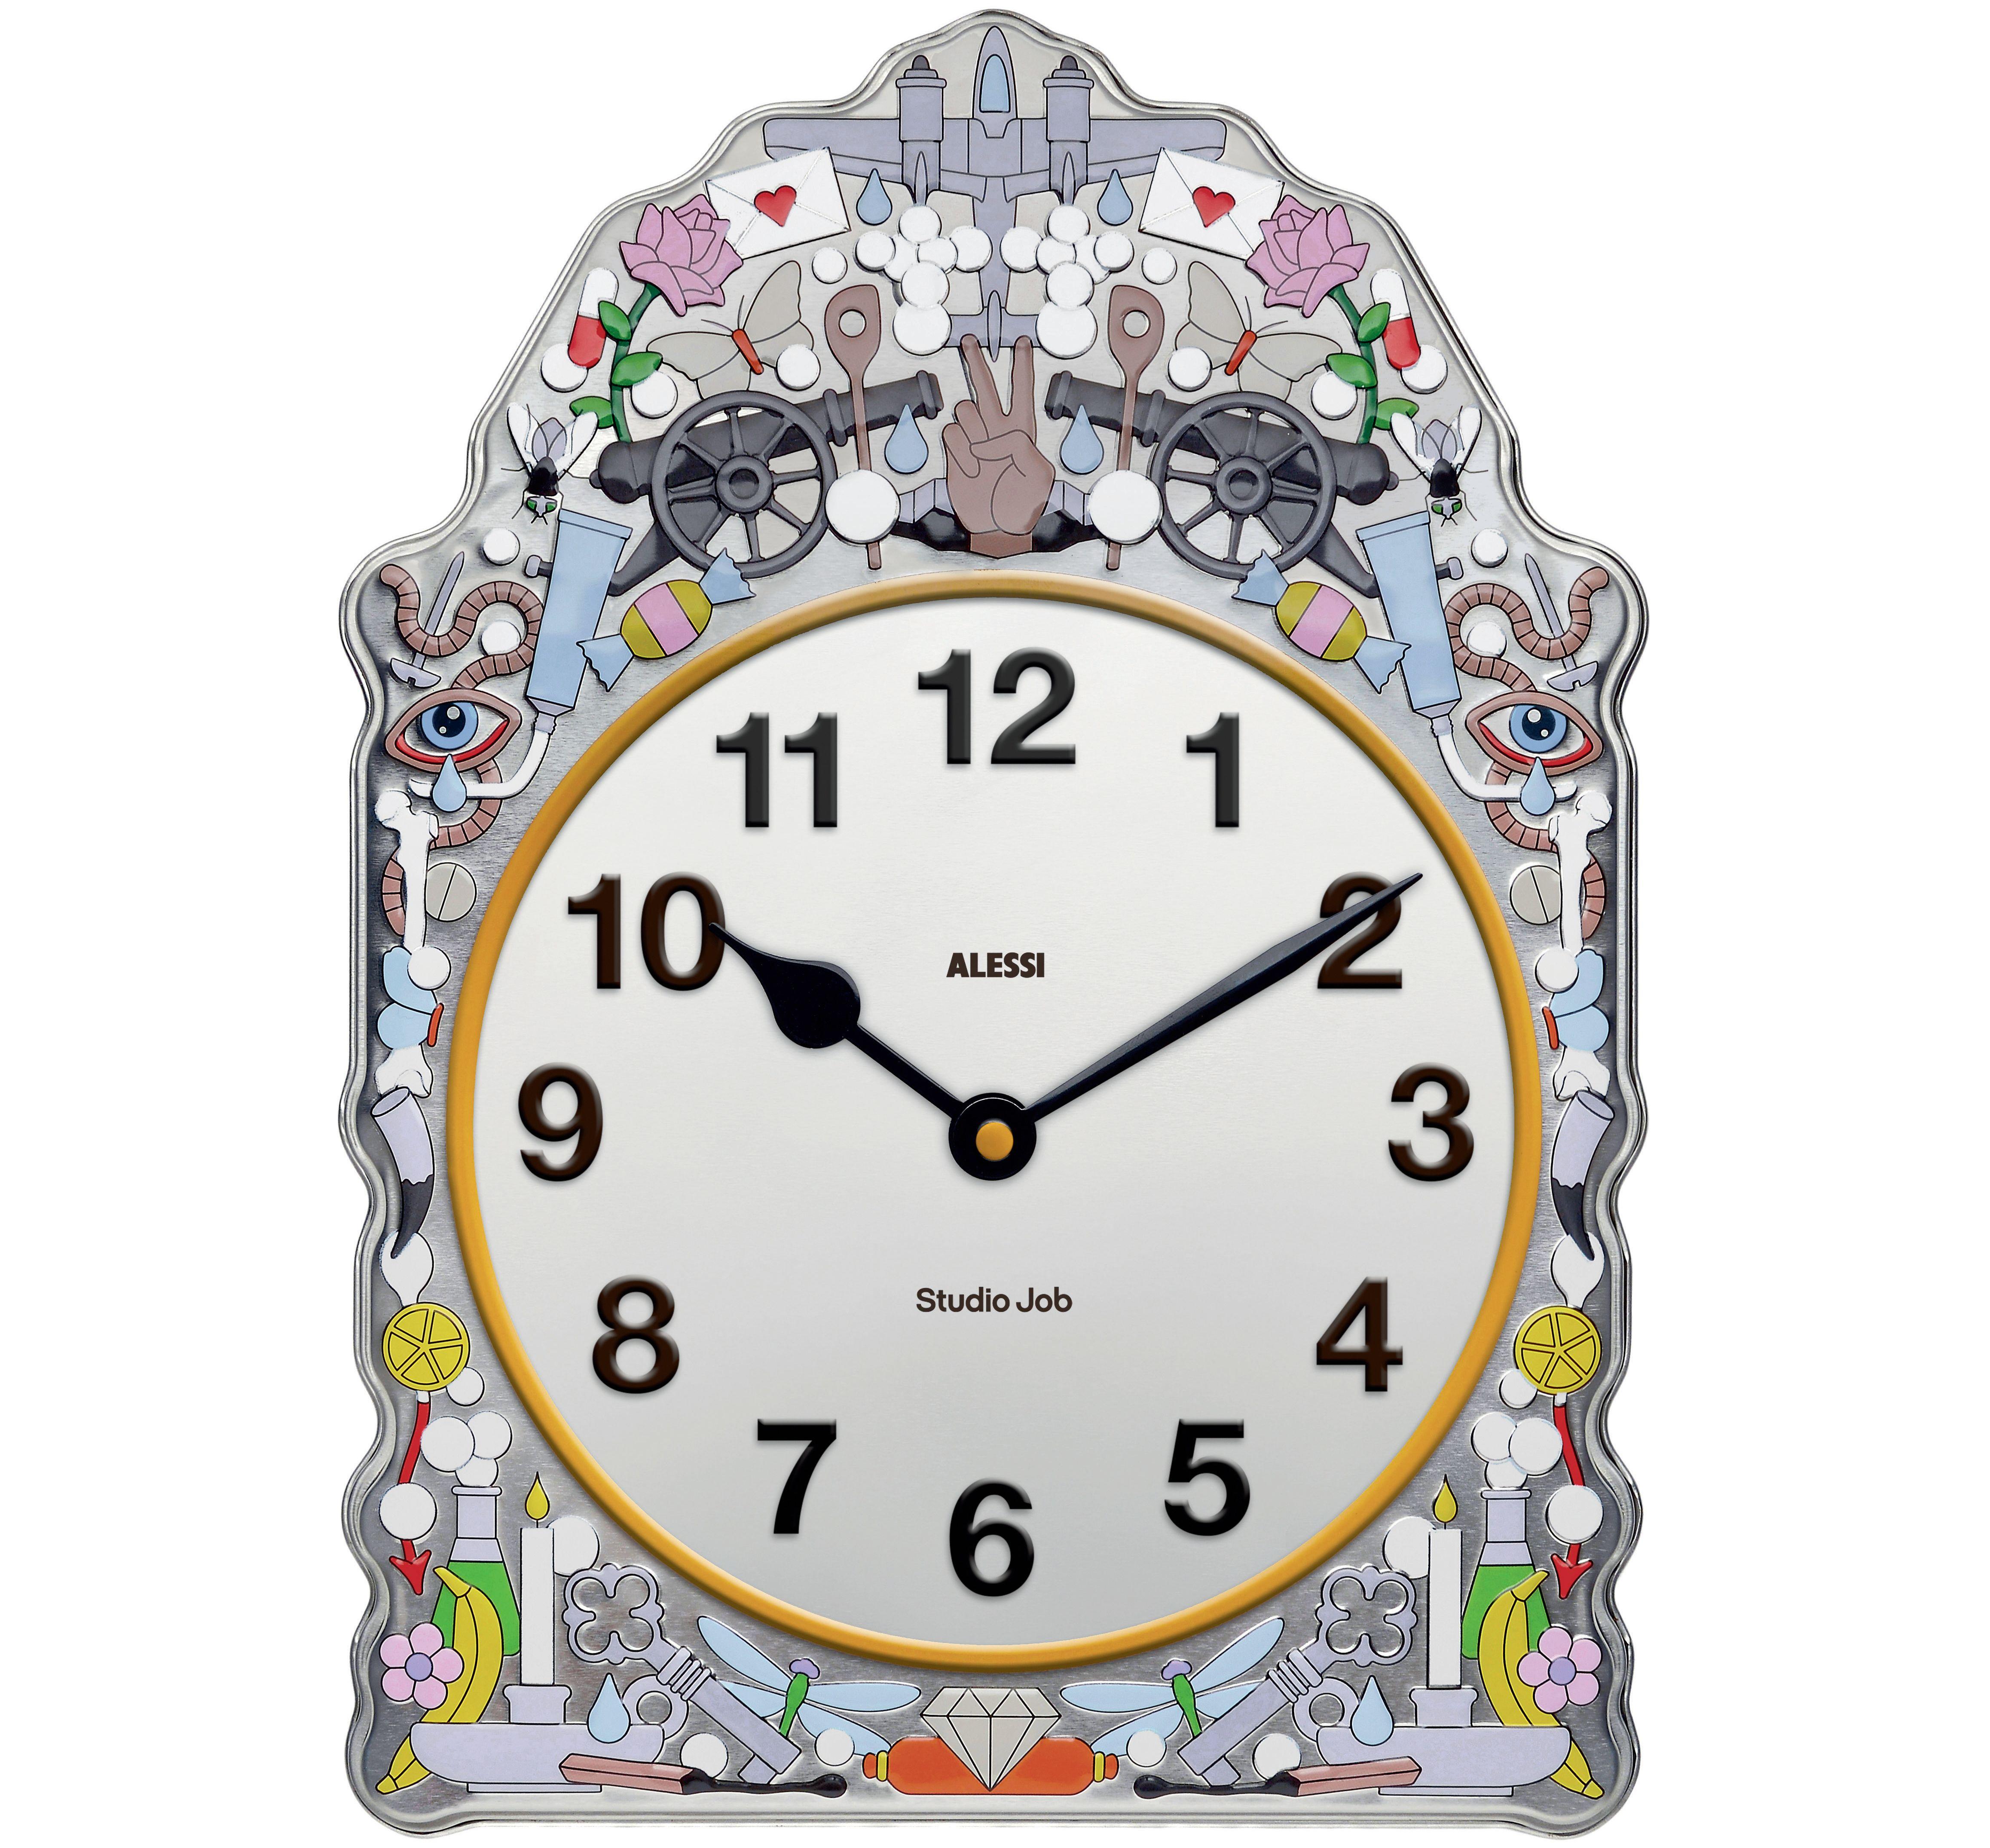 Alessi Cmtoise Clock